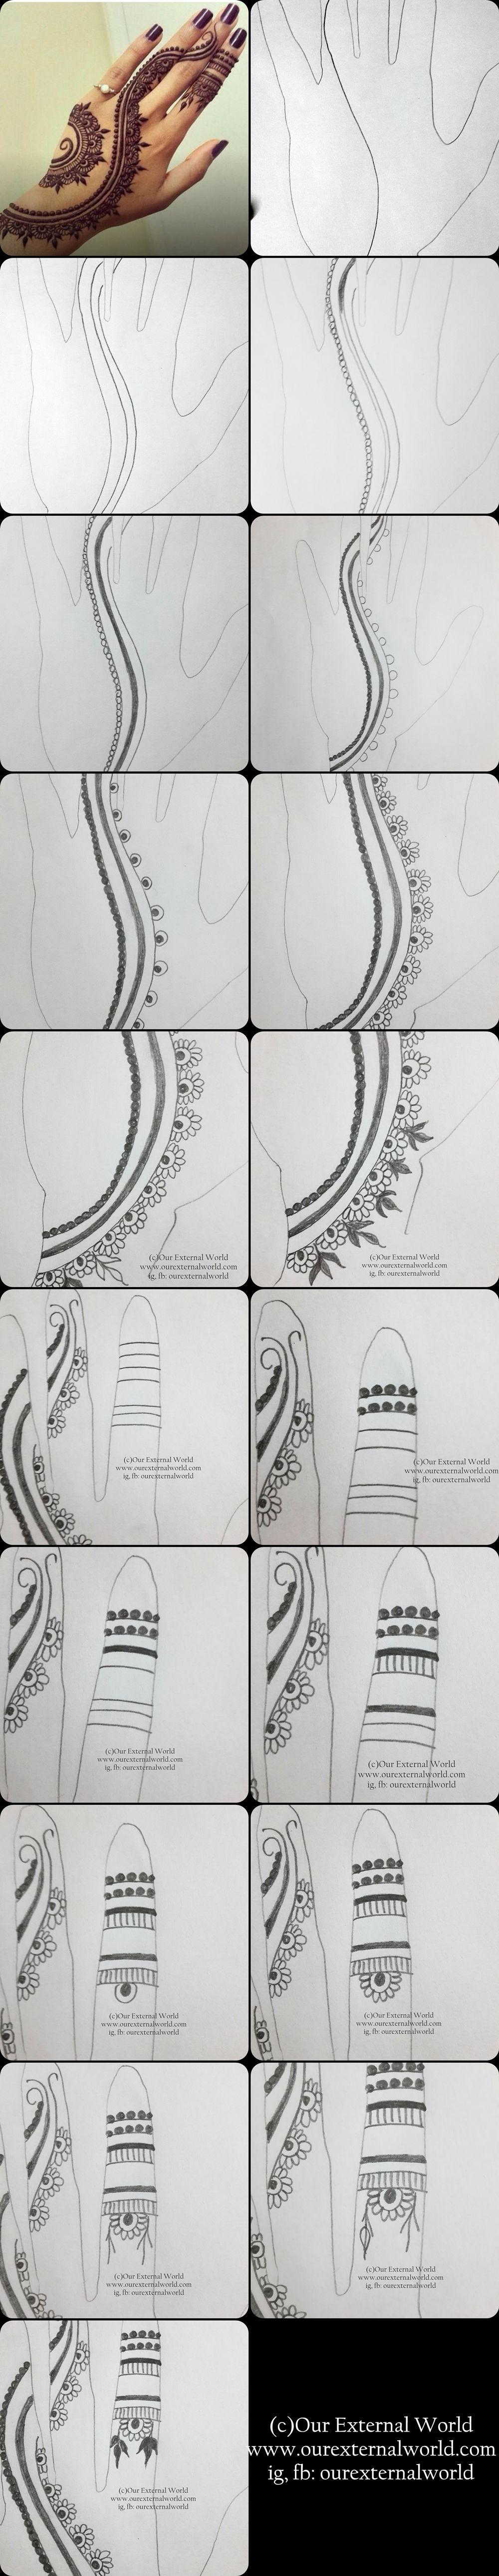 Henna Tattoo Supplies Brisbane: DIY Step By Step Henna Pattern (Mehndi Design)